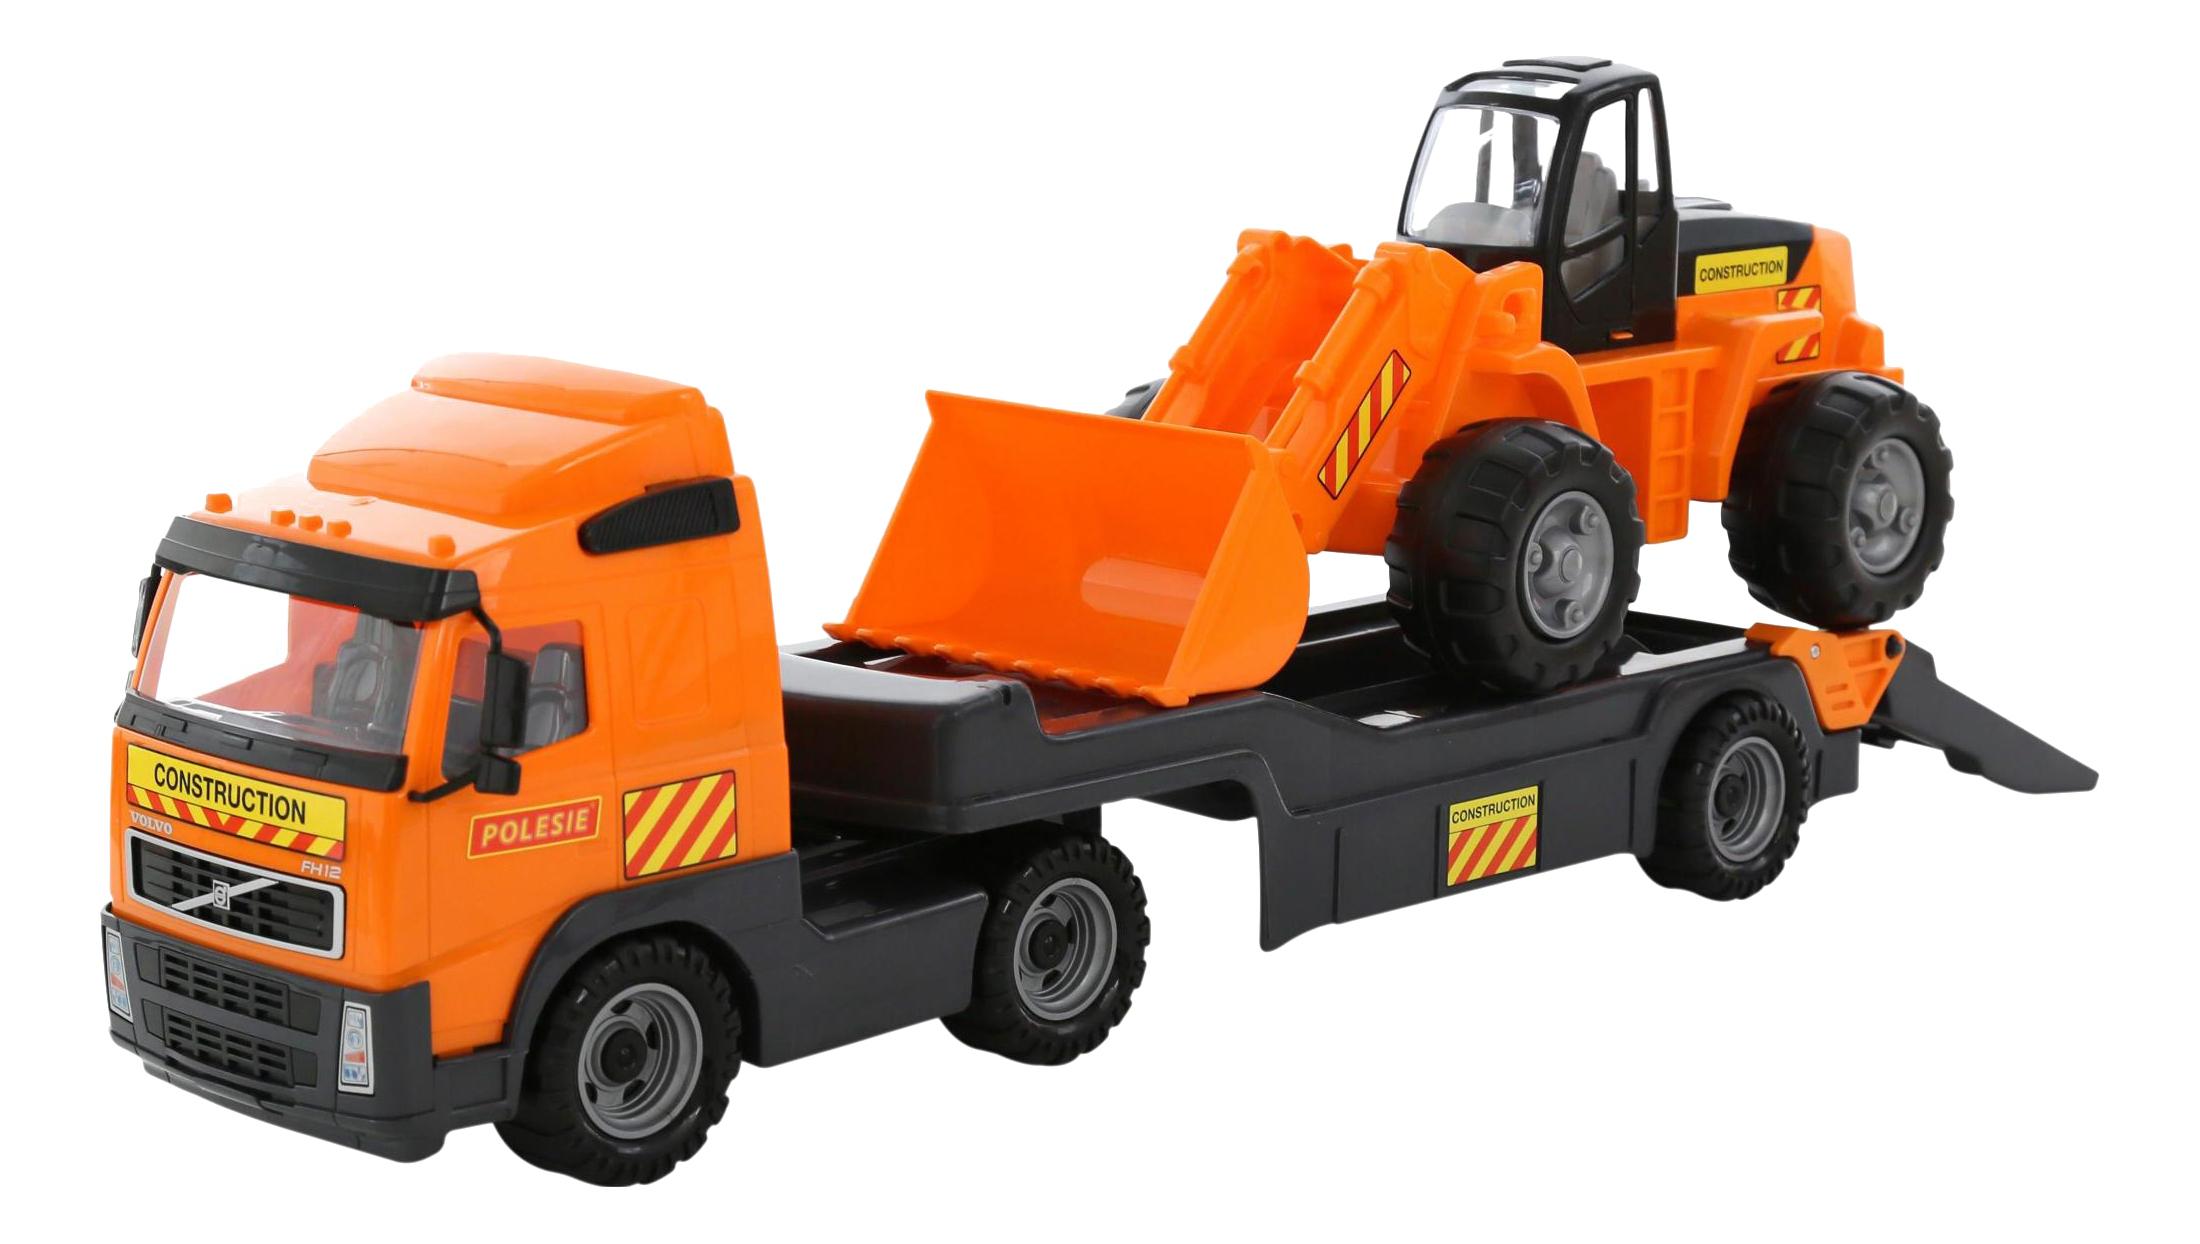 Купить Автомобиль-трейлер + трактор-погрузчик Volvo, Набор машин строительной техники Полесье Volvo, Строительная техника